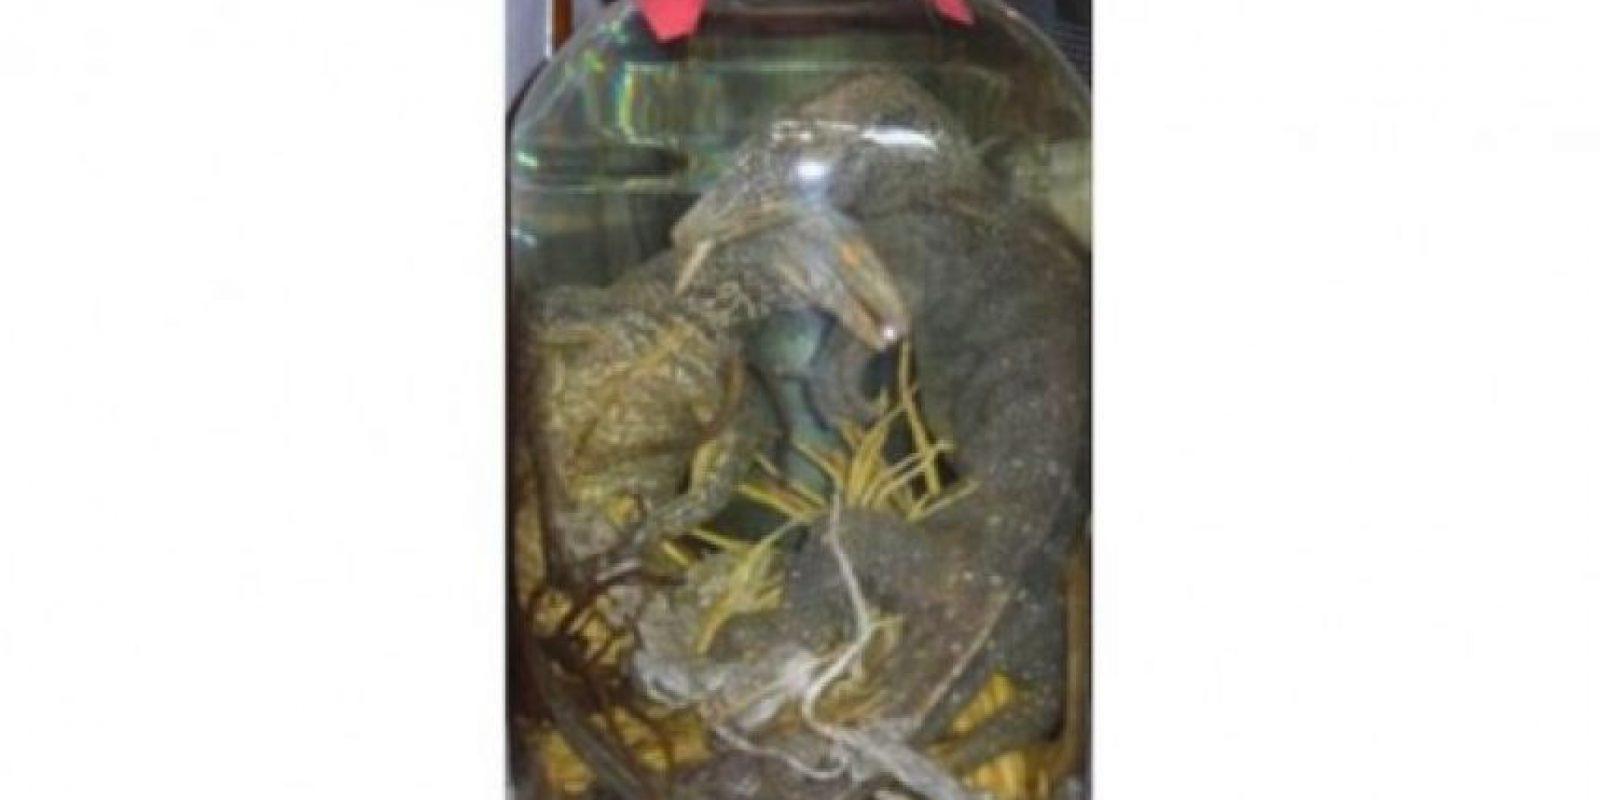 Licor de tres lagartos. Bebido en Asia como un elíxir para darle fuerza y longevidad al cuerpo